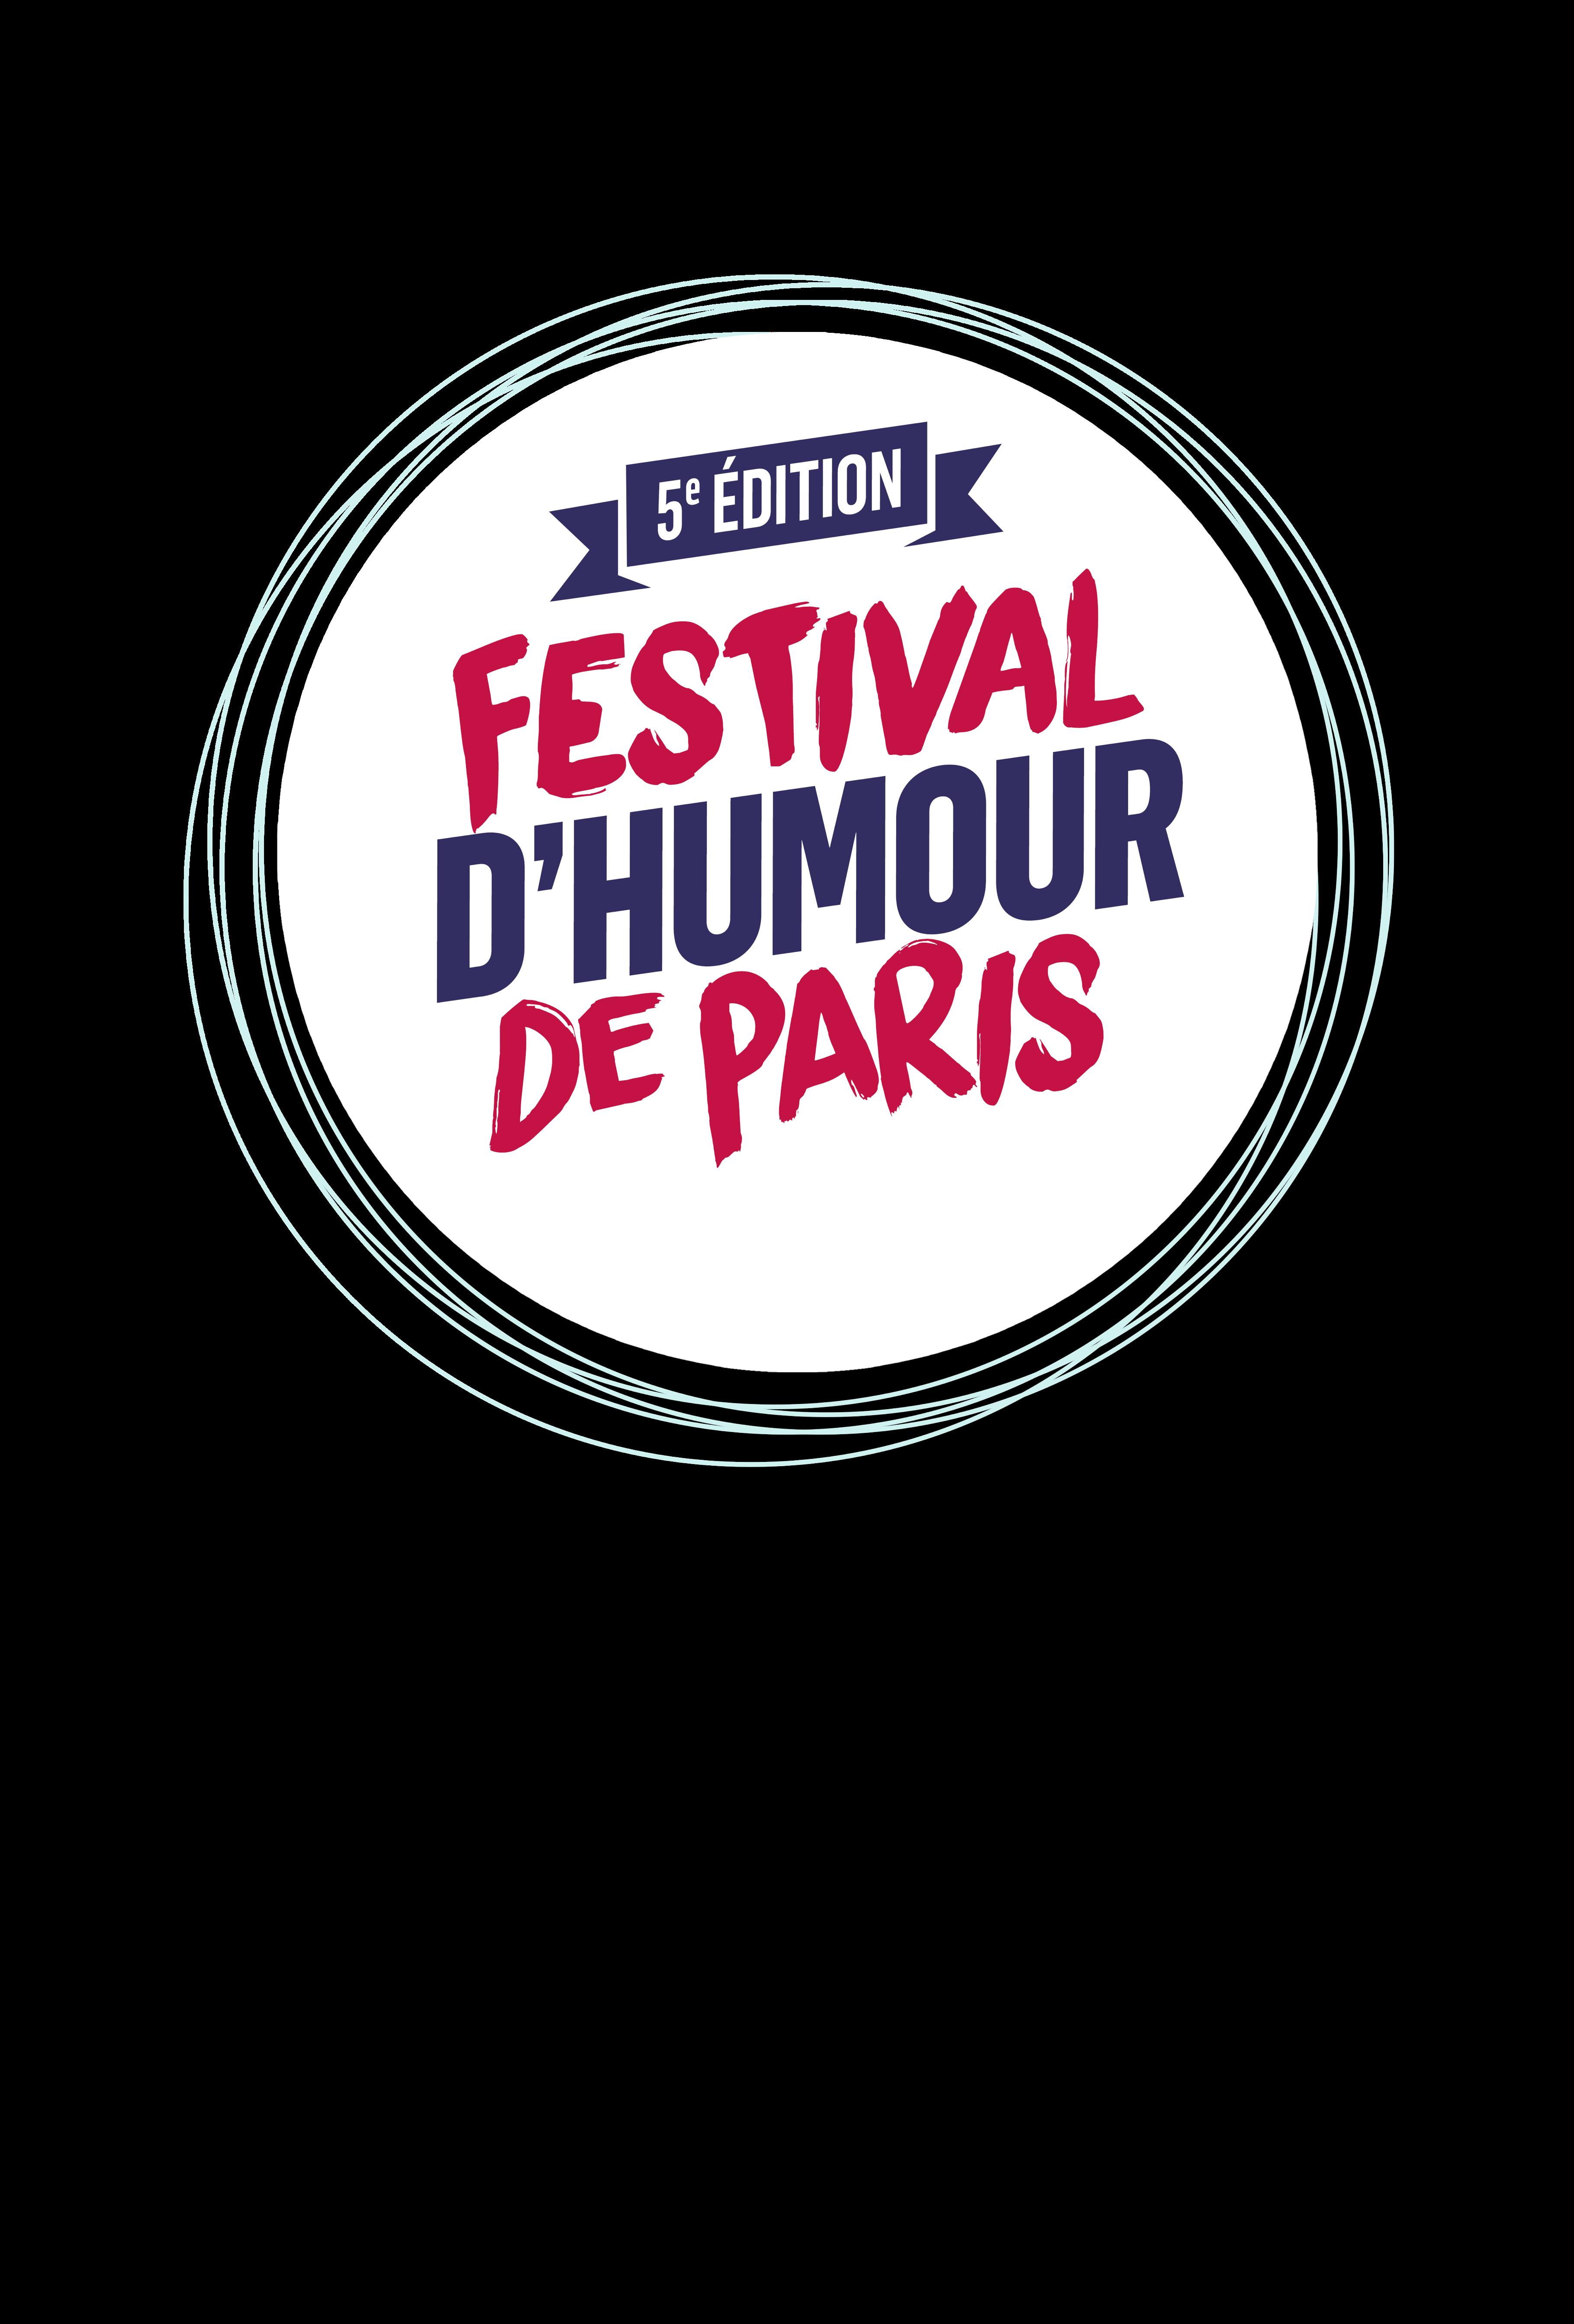 ici se trouve le logo du festival d'humour de paris